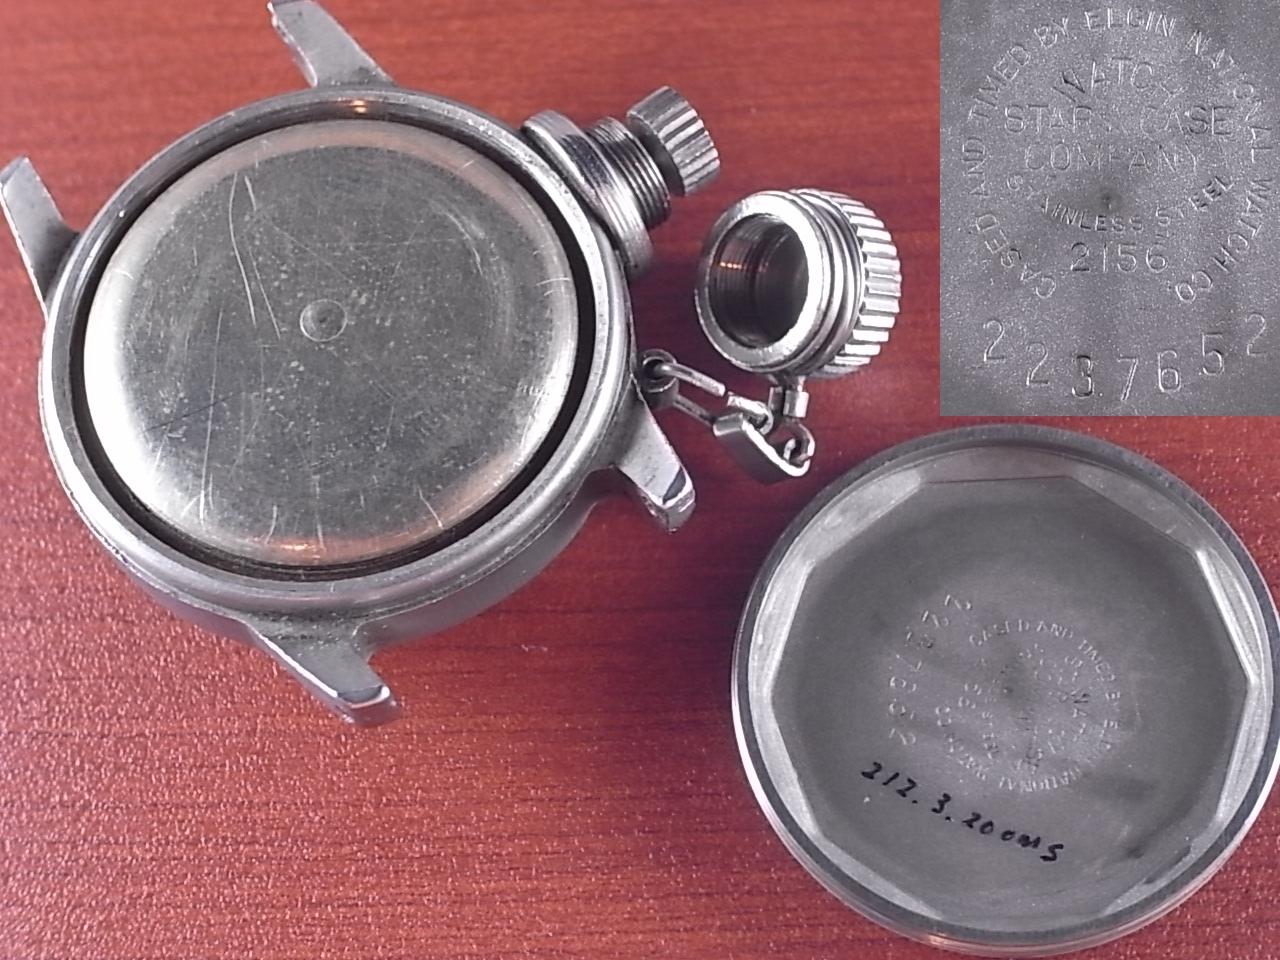 エルジン USN BUSHIPS キャンティーン UDT(水中爆破チーム)1950年代の写真6枚目